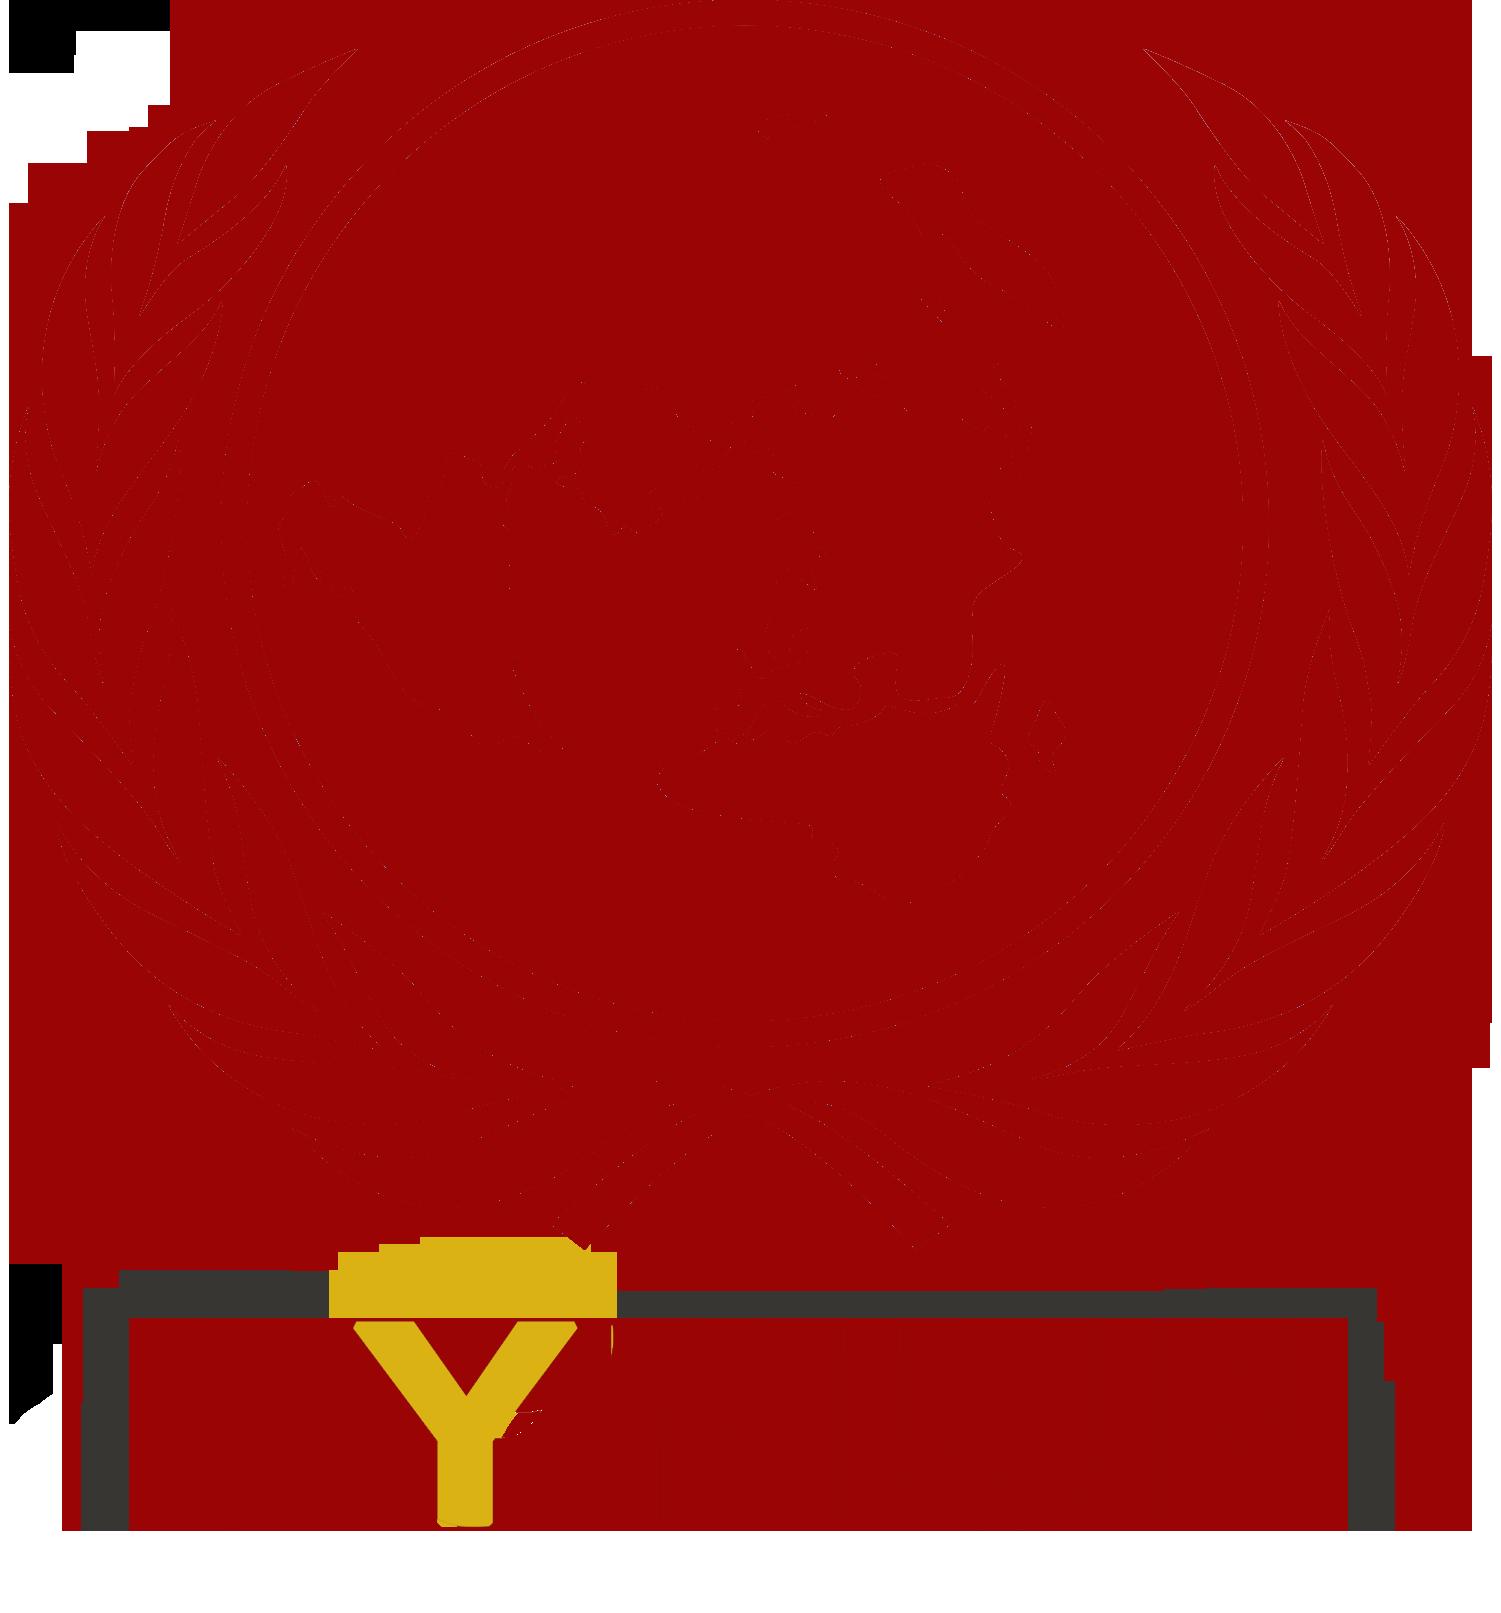 SYMUN colegio concertado bilingüe María Virgen Madrid